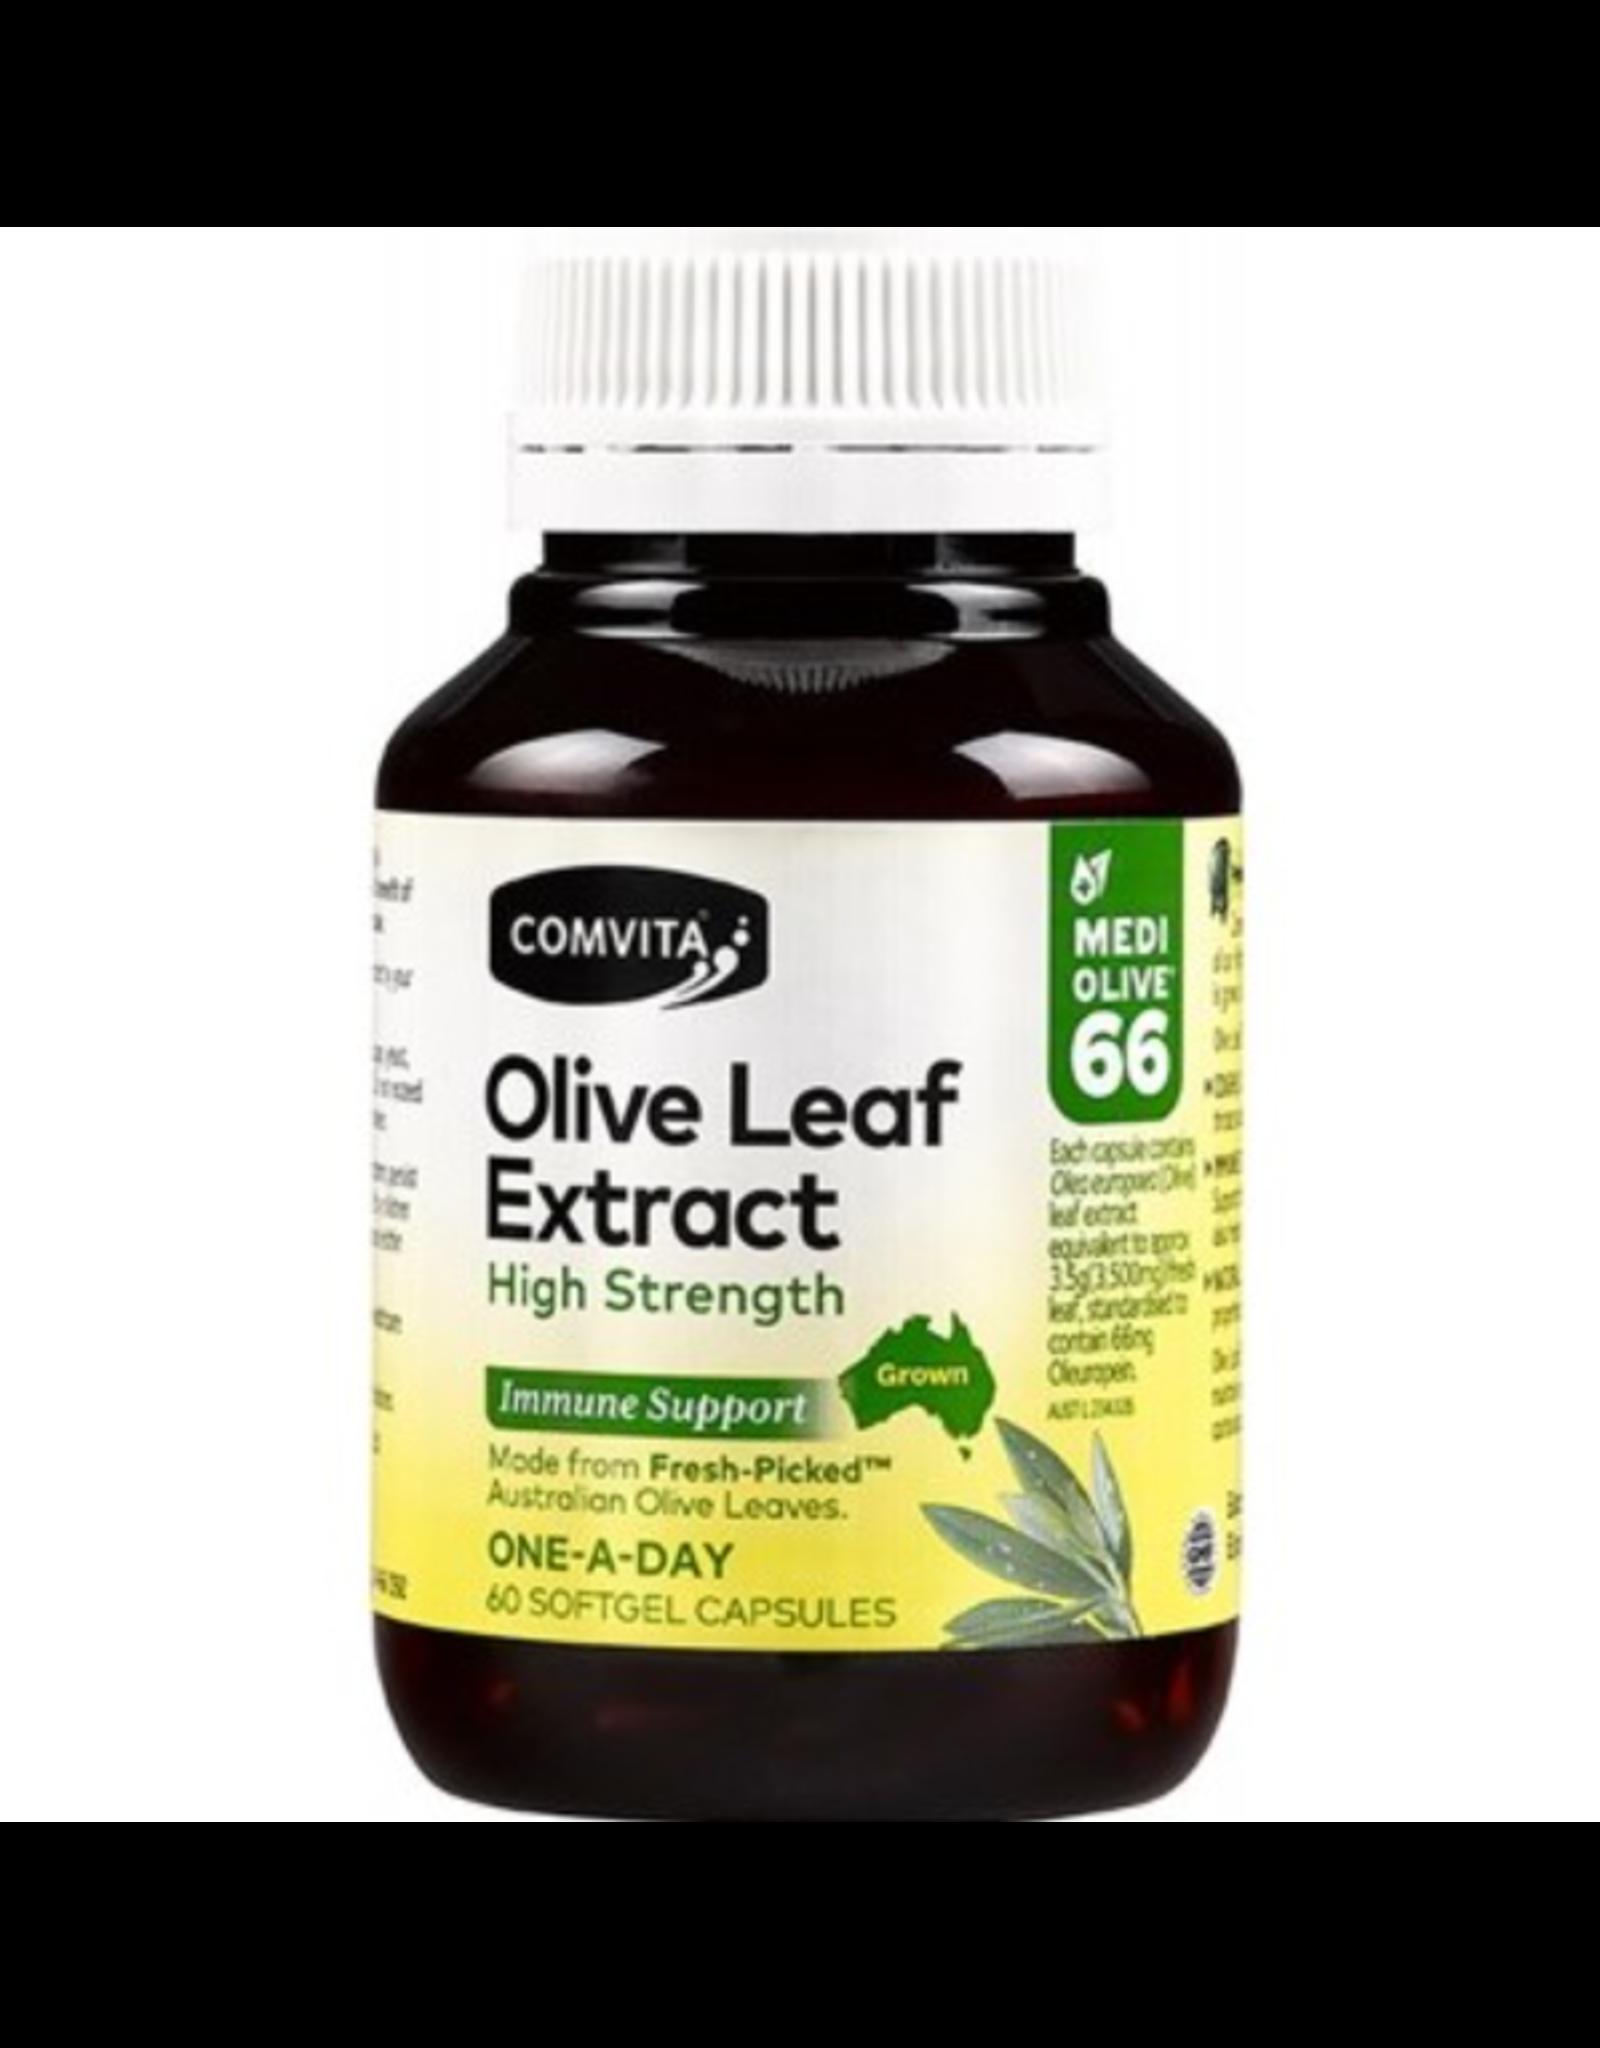 Comvita Olive Leaf Extract  Capsules (Medi Olive 66) 60c